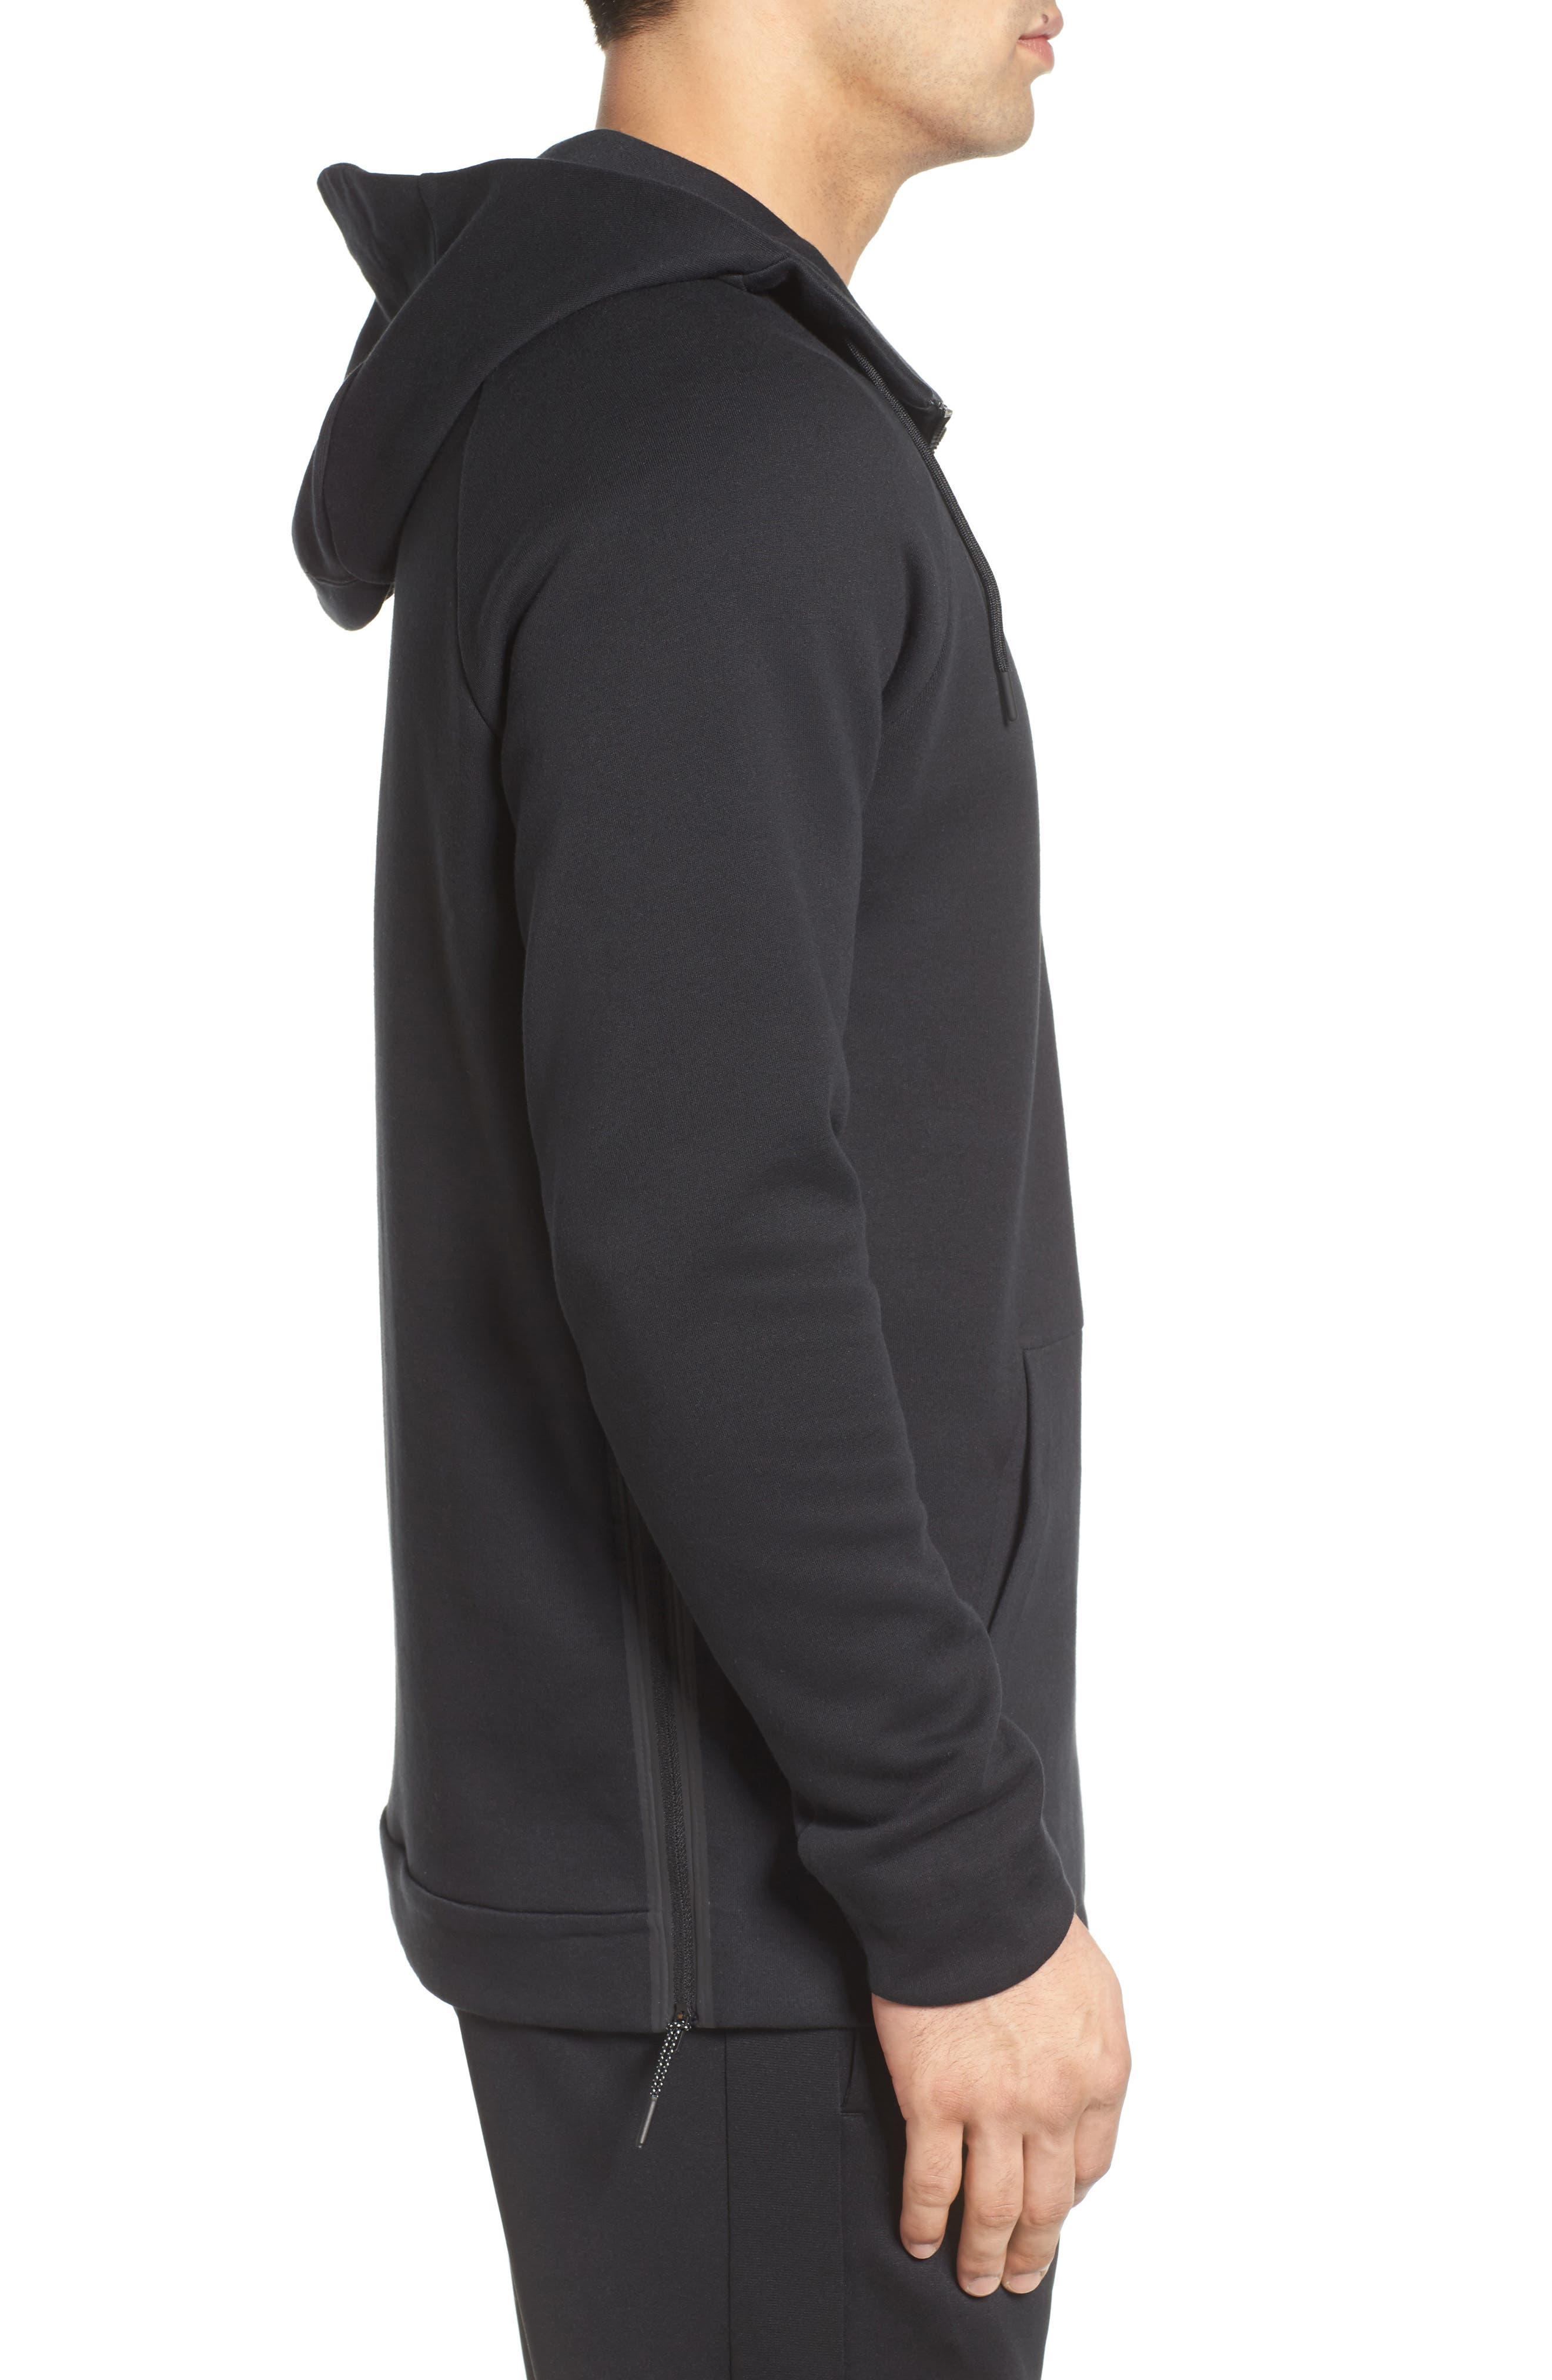 Half-Zip Pullover Hoodie,                             Alternate thumbnail 3, color,                             Black/ Black/ Black